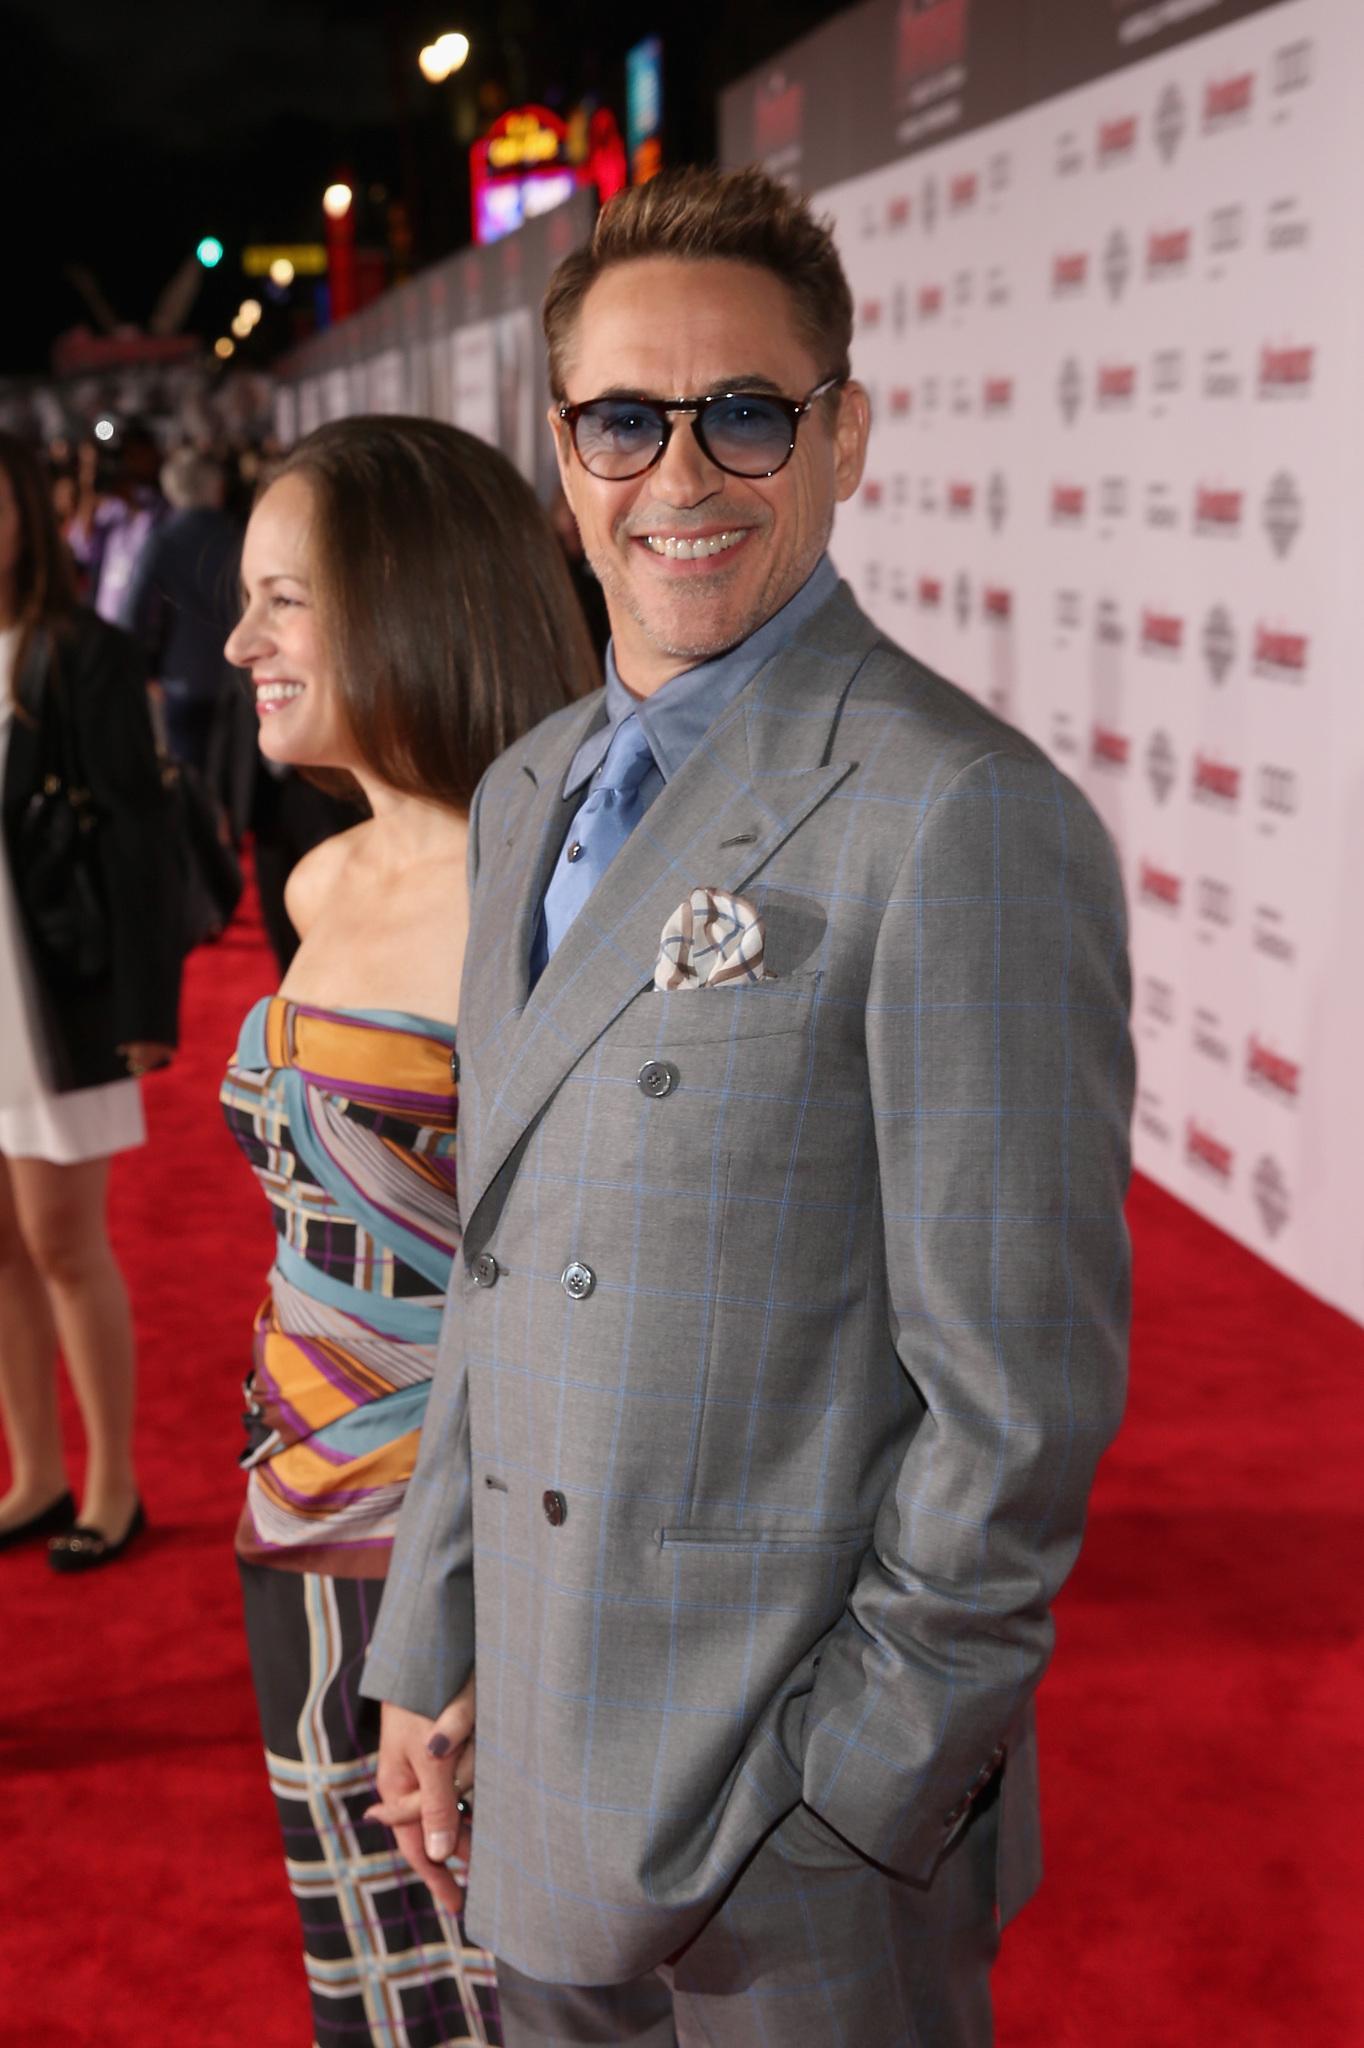 Robert Downey Jr. and Susan Downey at event of Kersytojai 2 (2015)